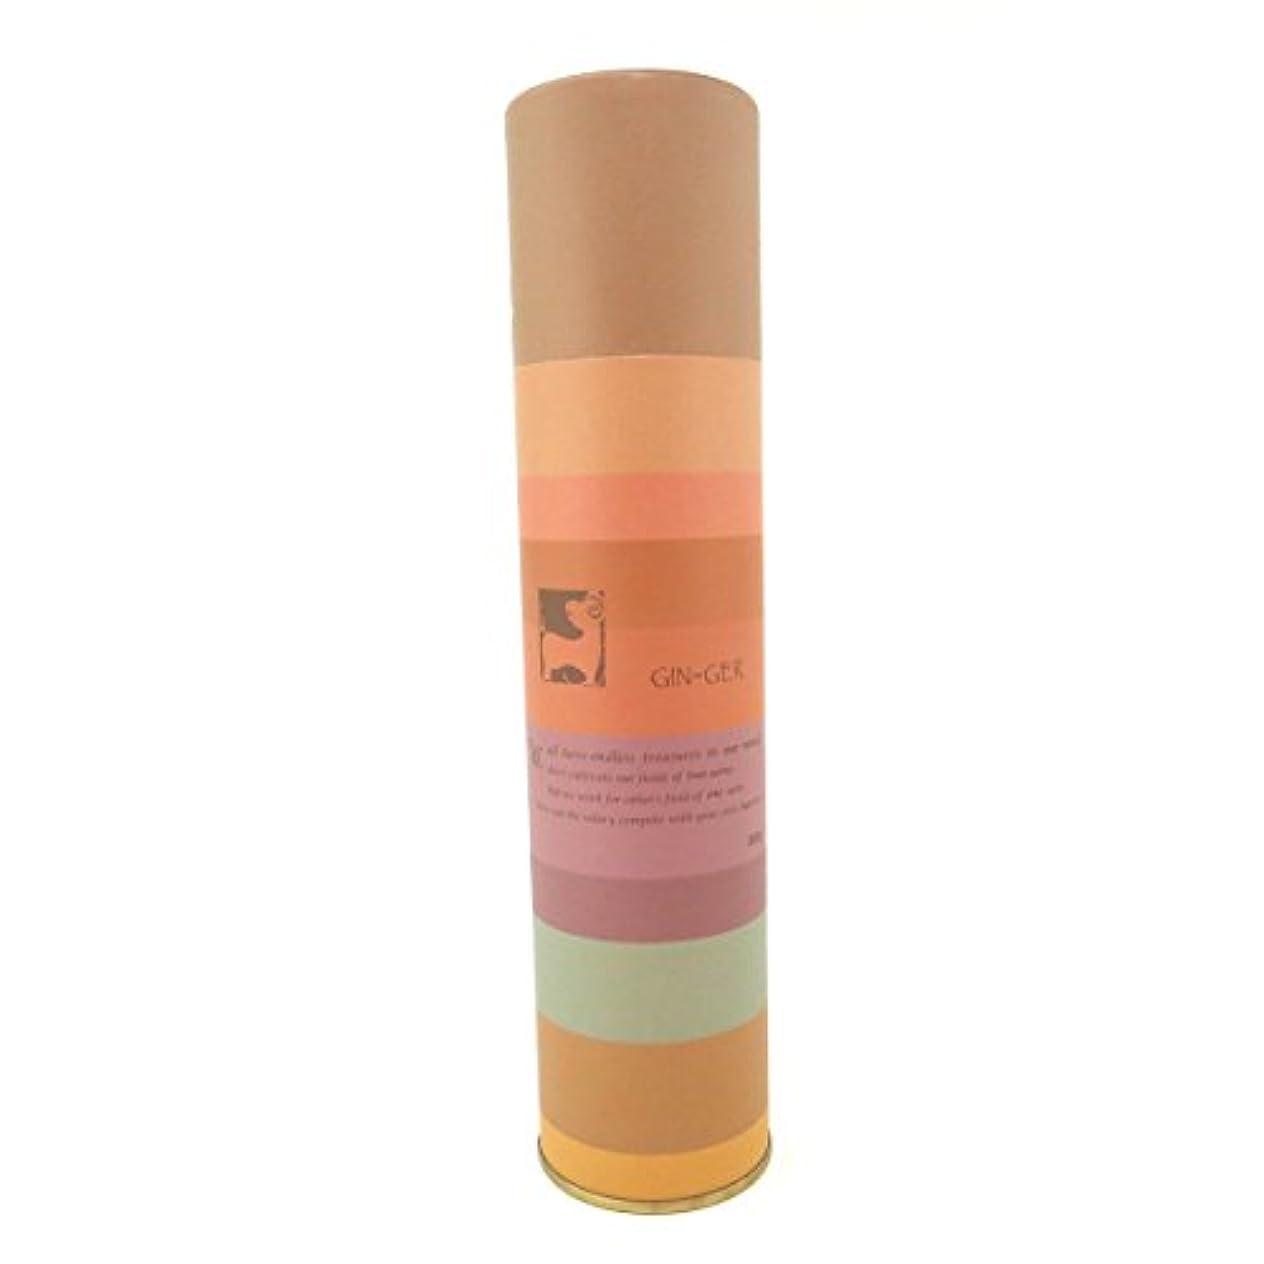 リーン上へ立ち寄る薑心比心 茉莉青橄欖生姜入浴剤 380g